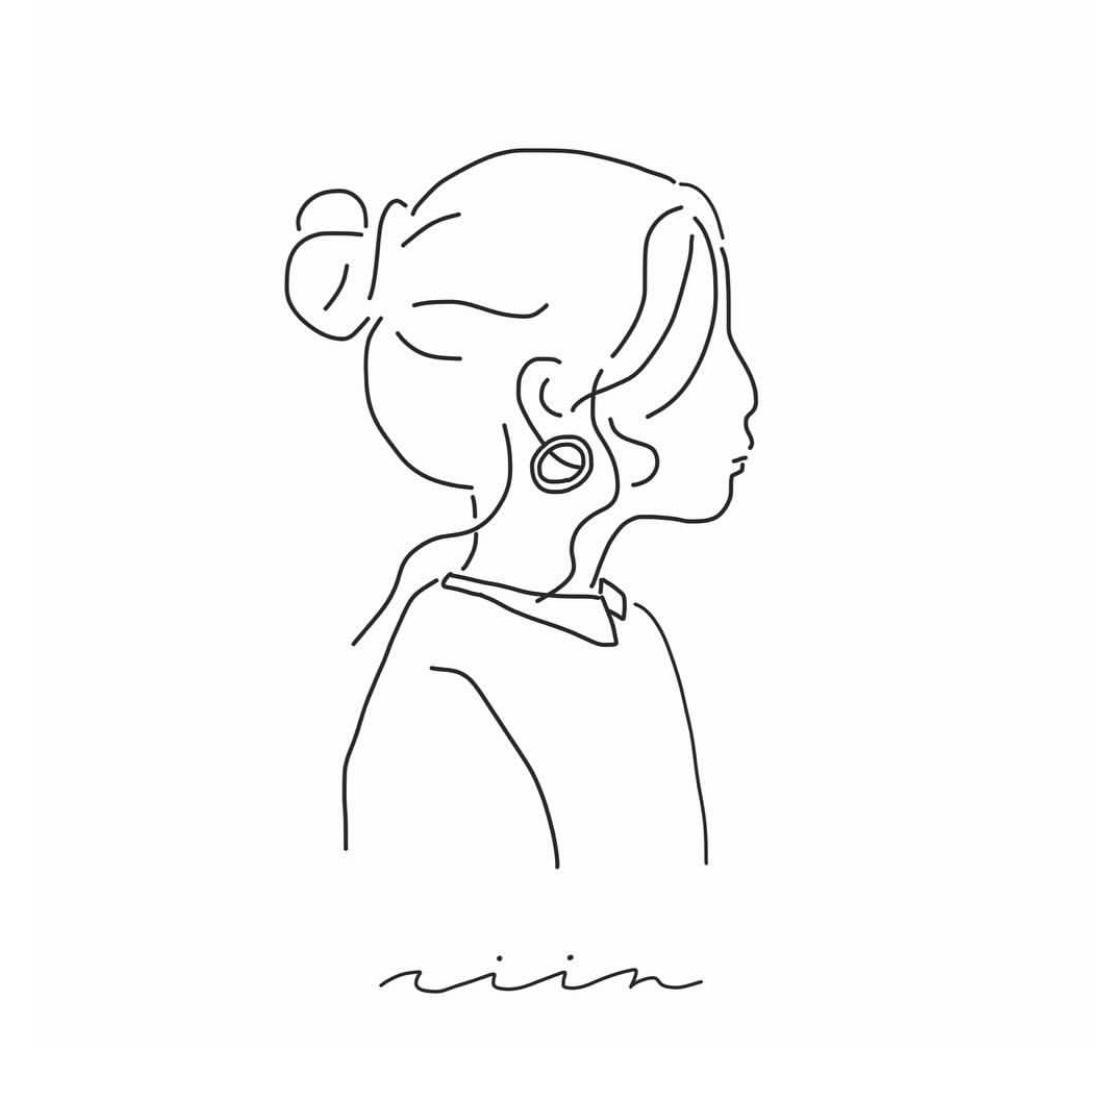 シンプルな線画で人物+文字のロゴを作成します ハンドメイドアクセサリーやサロンのグッズにも使用可能です!